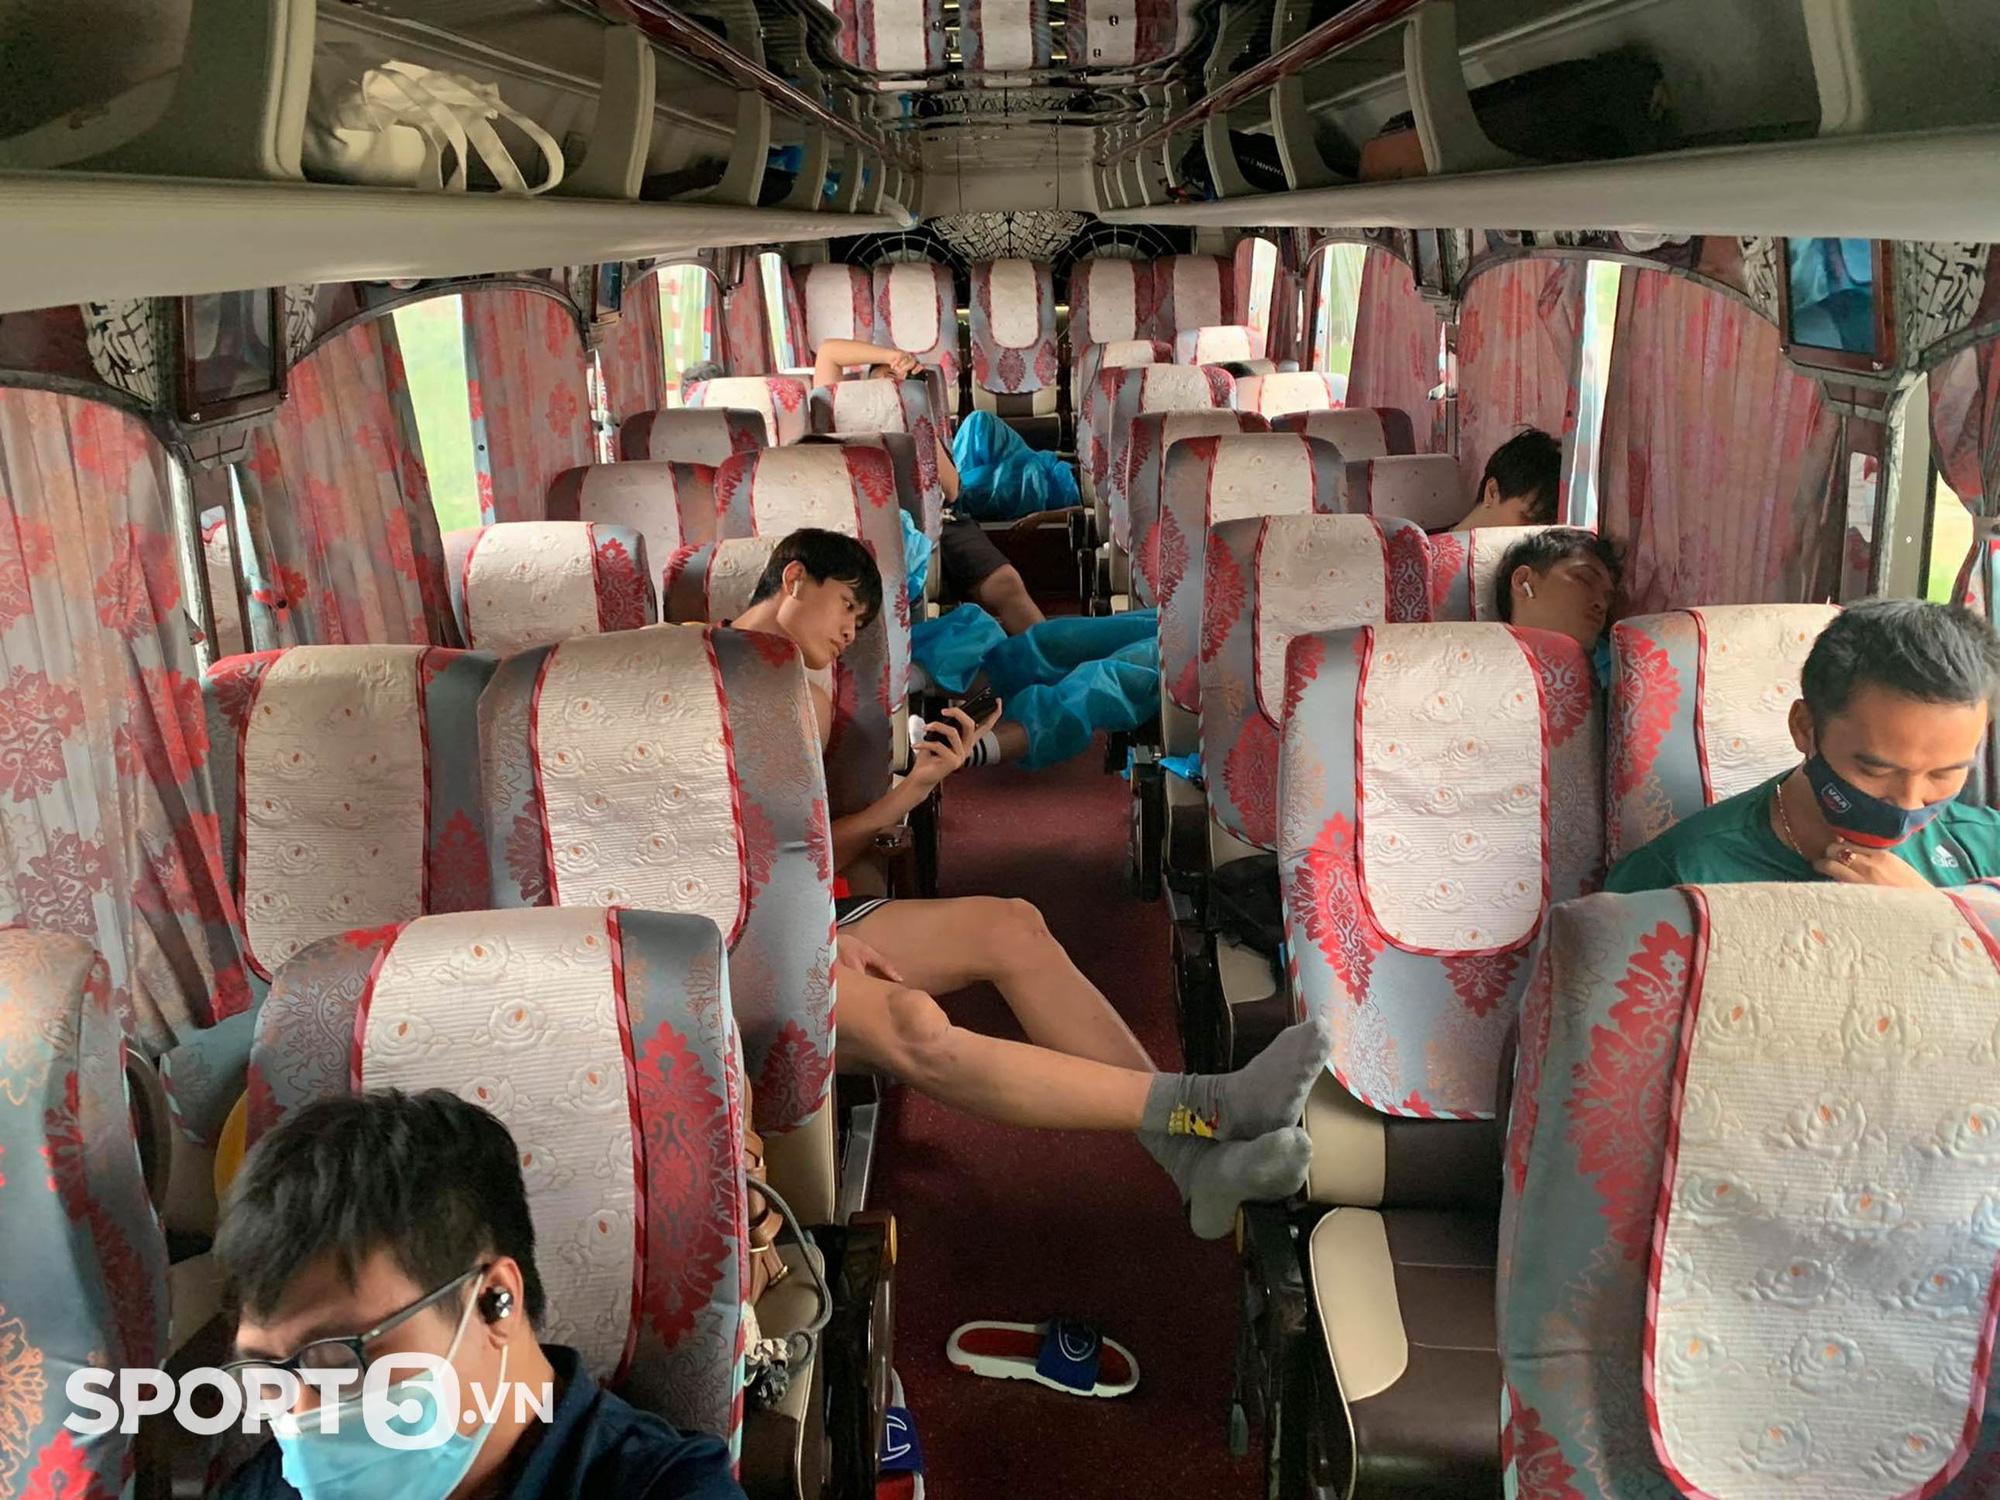 Hồi kết của VBA 2021: Gian nan và thử thách trên những chuyến xe xuyên Việt trở về nhà - Ảnh 10.